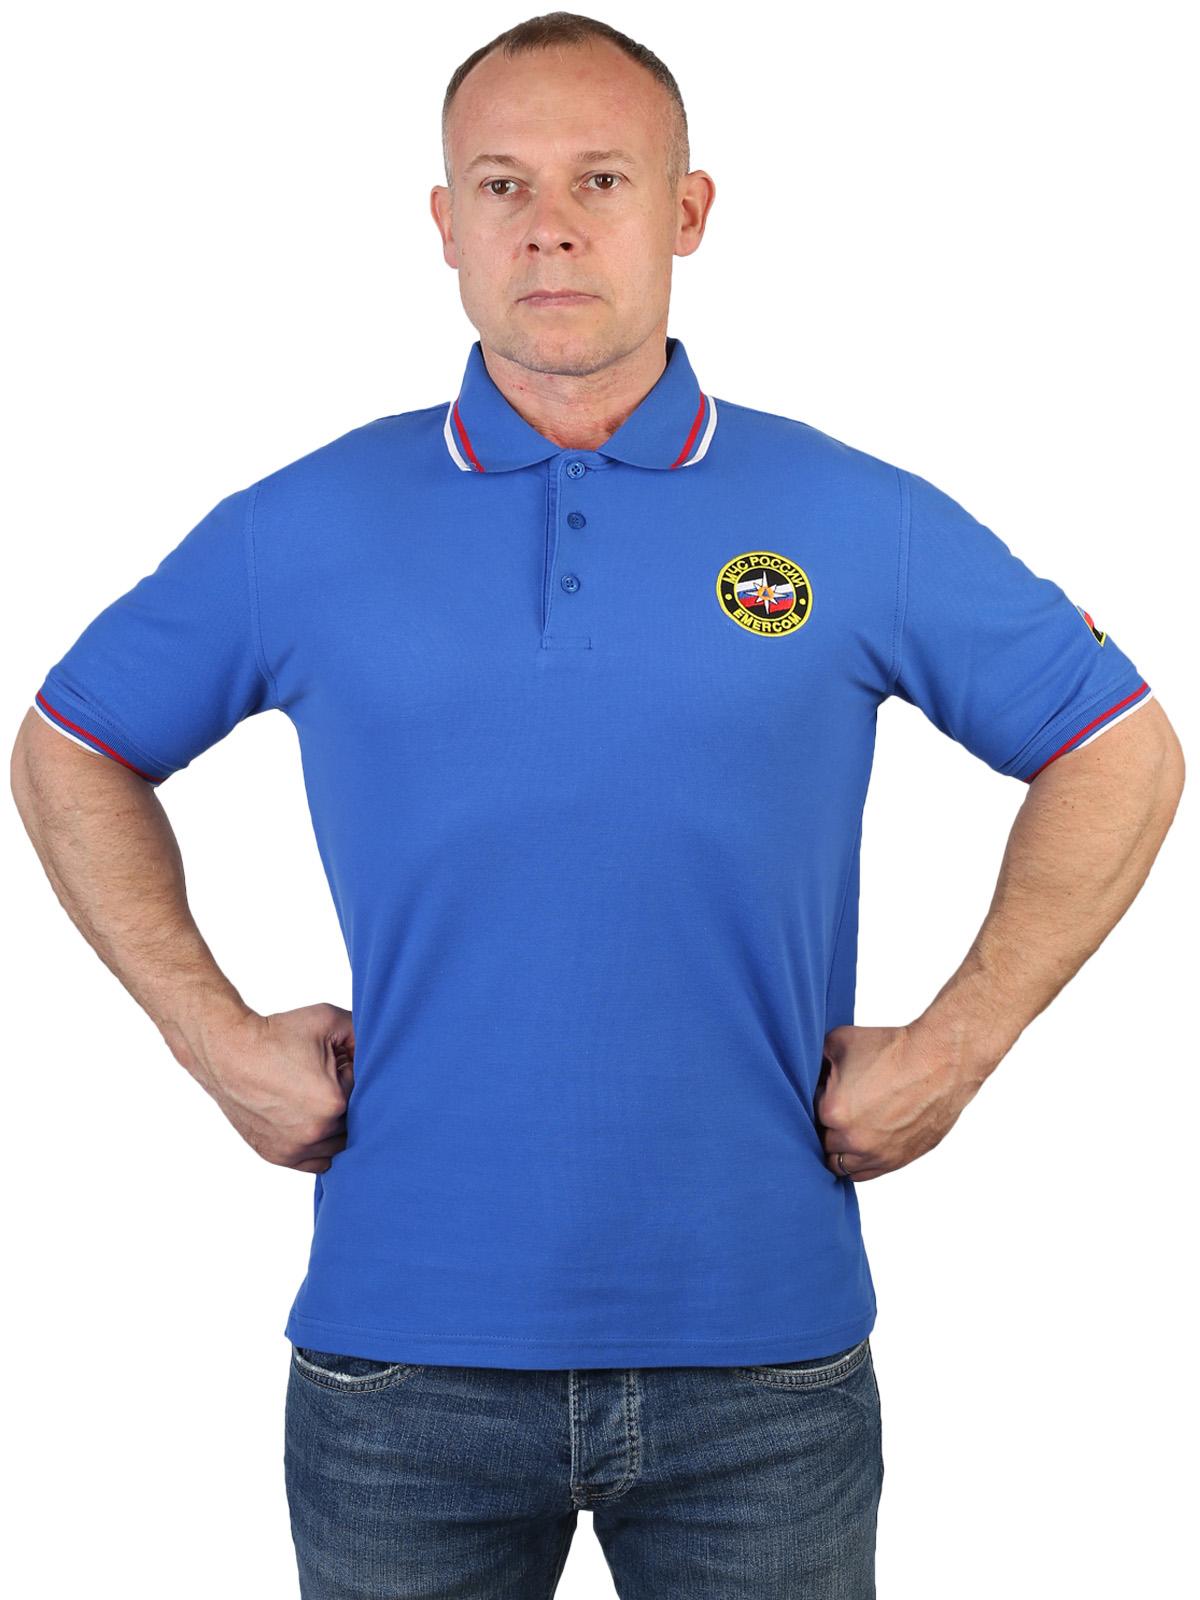 Голубая футболка поло с символикой МЧС России